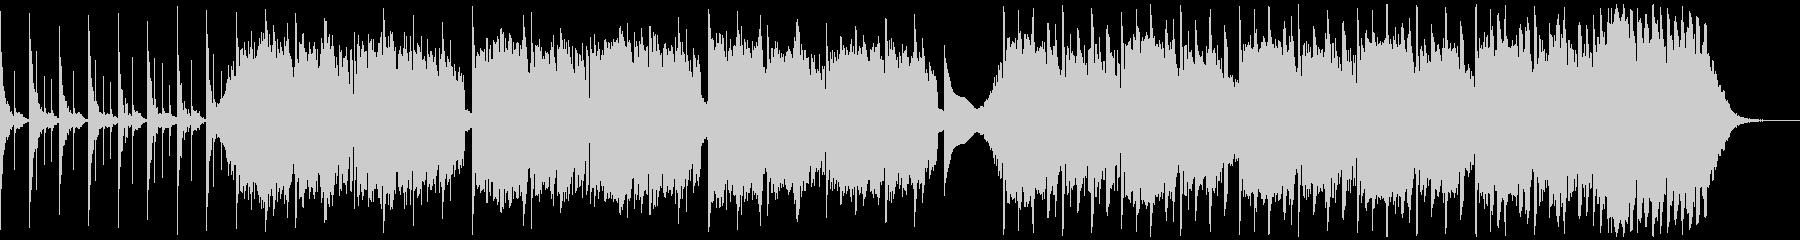 低音で変速な暗いアンビエントな曲の未再生の波形